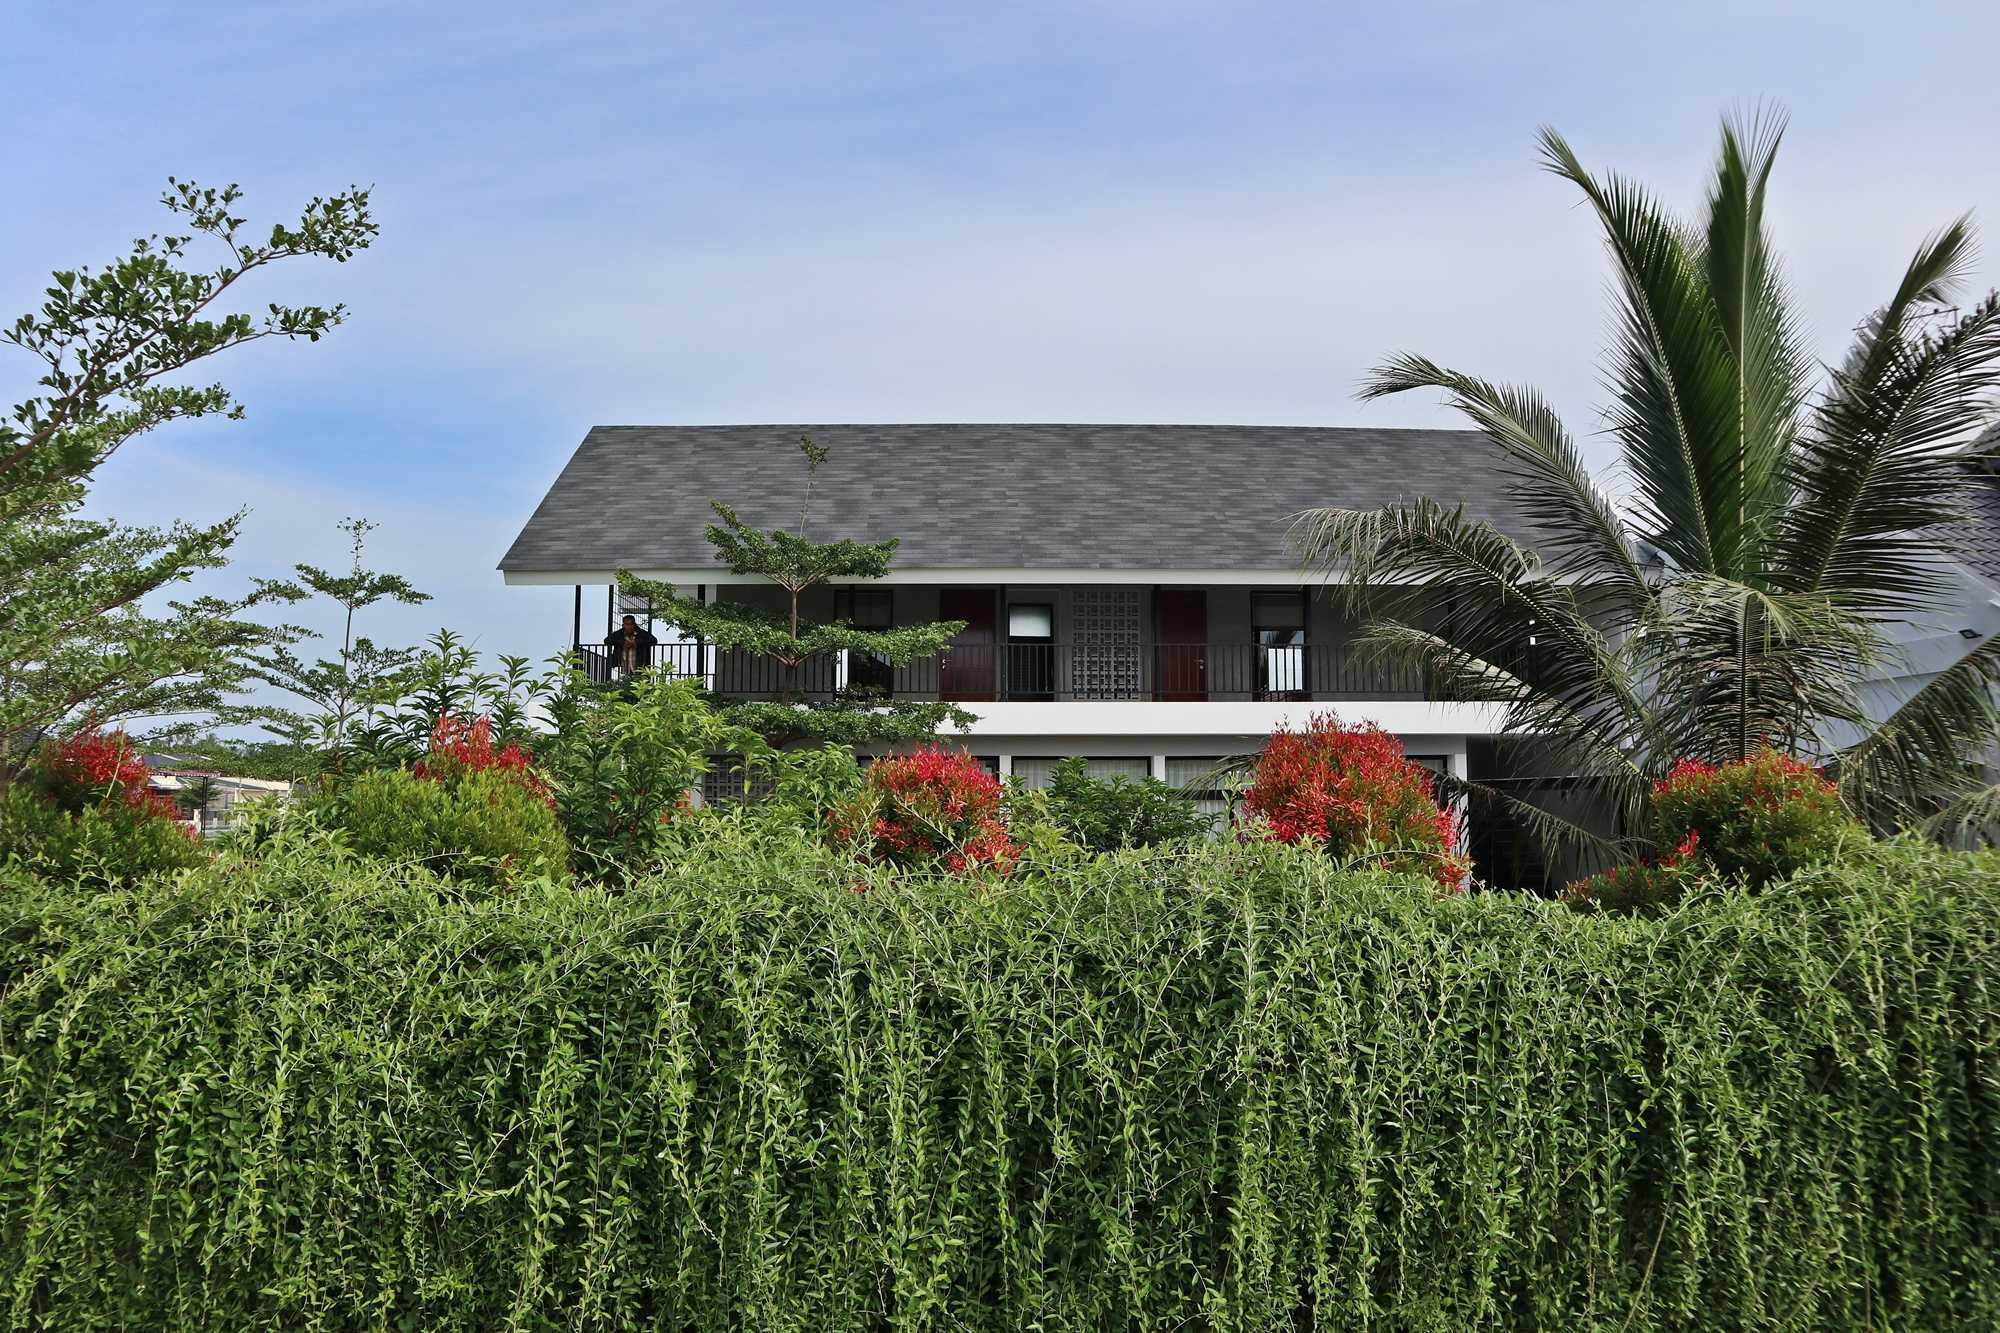 Bd Studio Je Villa House Medan, Kota Medan, Sumatera Utara, Indonesia Medan, Kota Medan, Sumatera Utara, Indonesia Bd-Studio-Je-Villa-House  74114